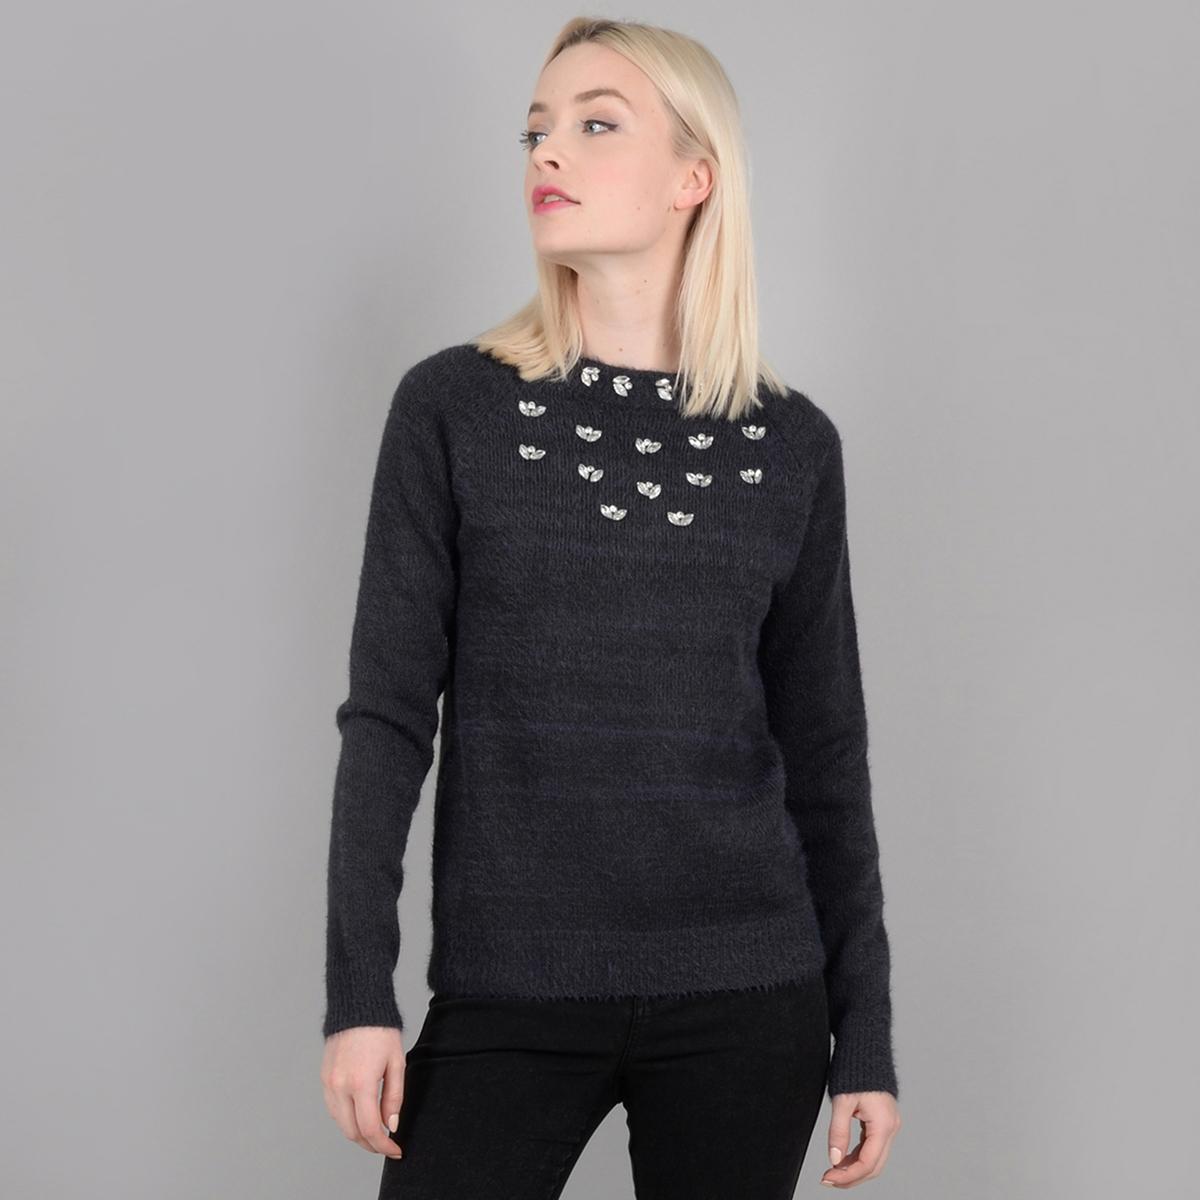 Пуловер из трикотажа с ворсом, с круглым вырезом и украшениями